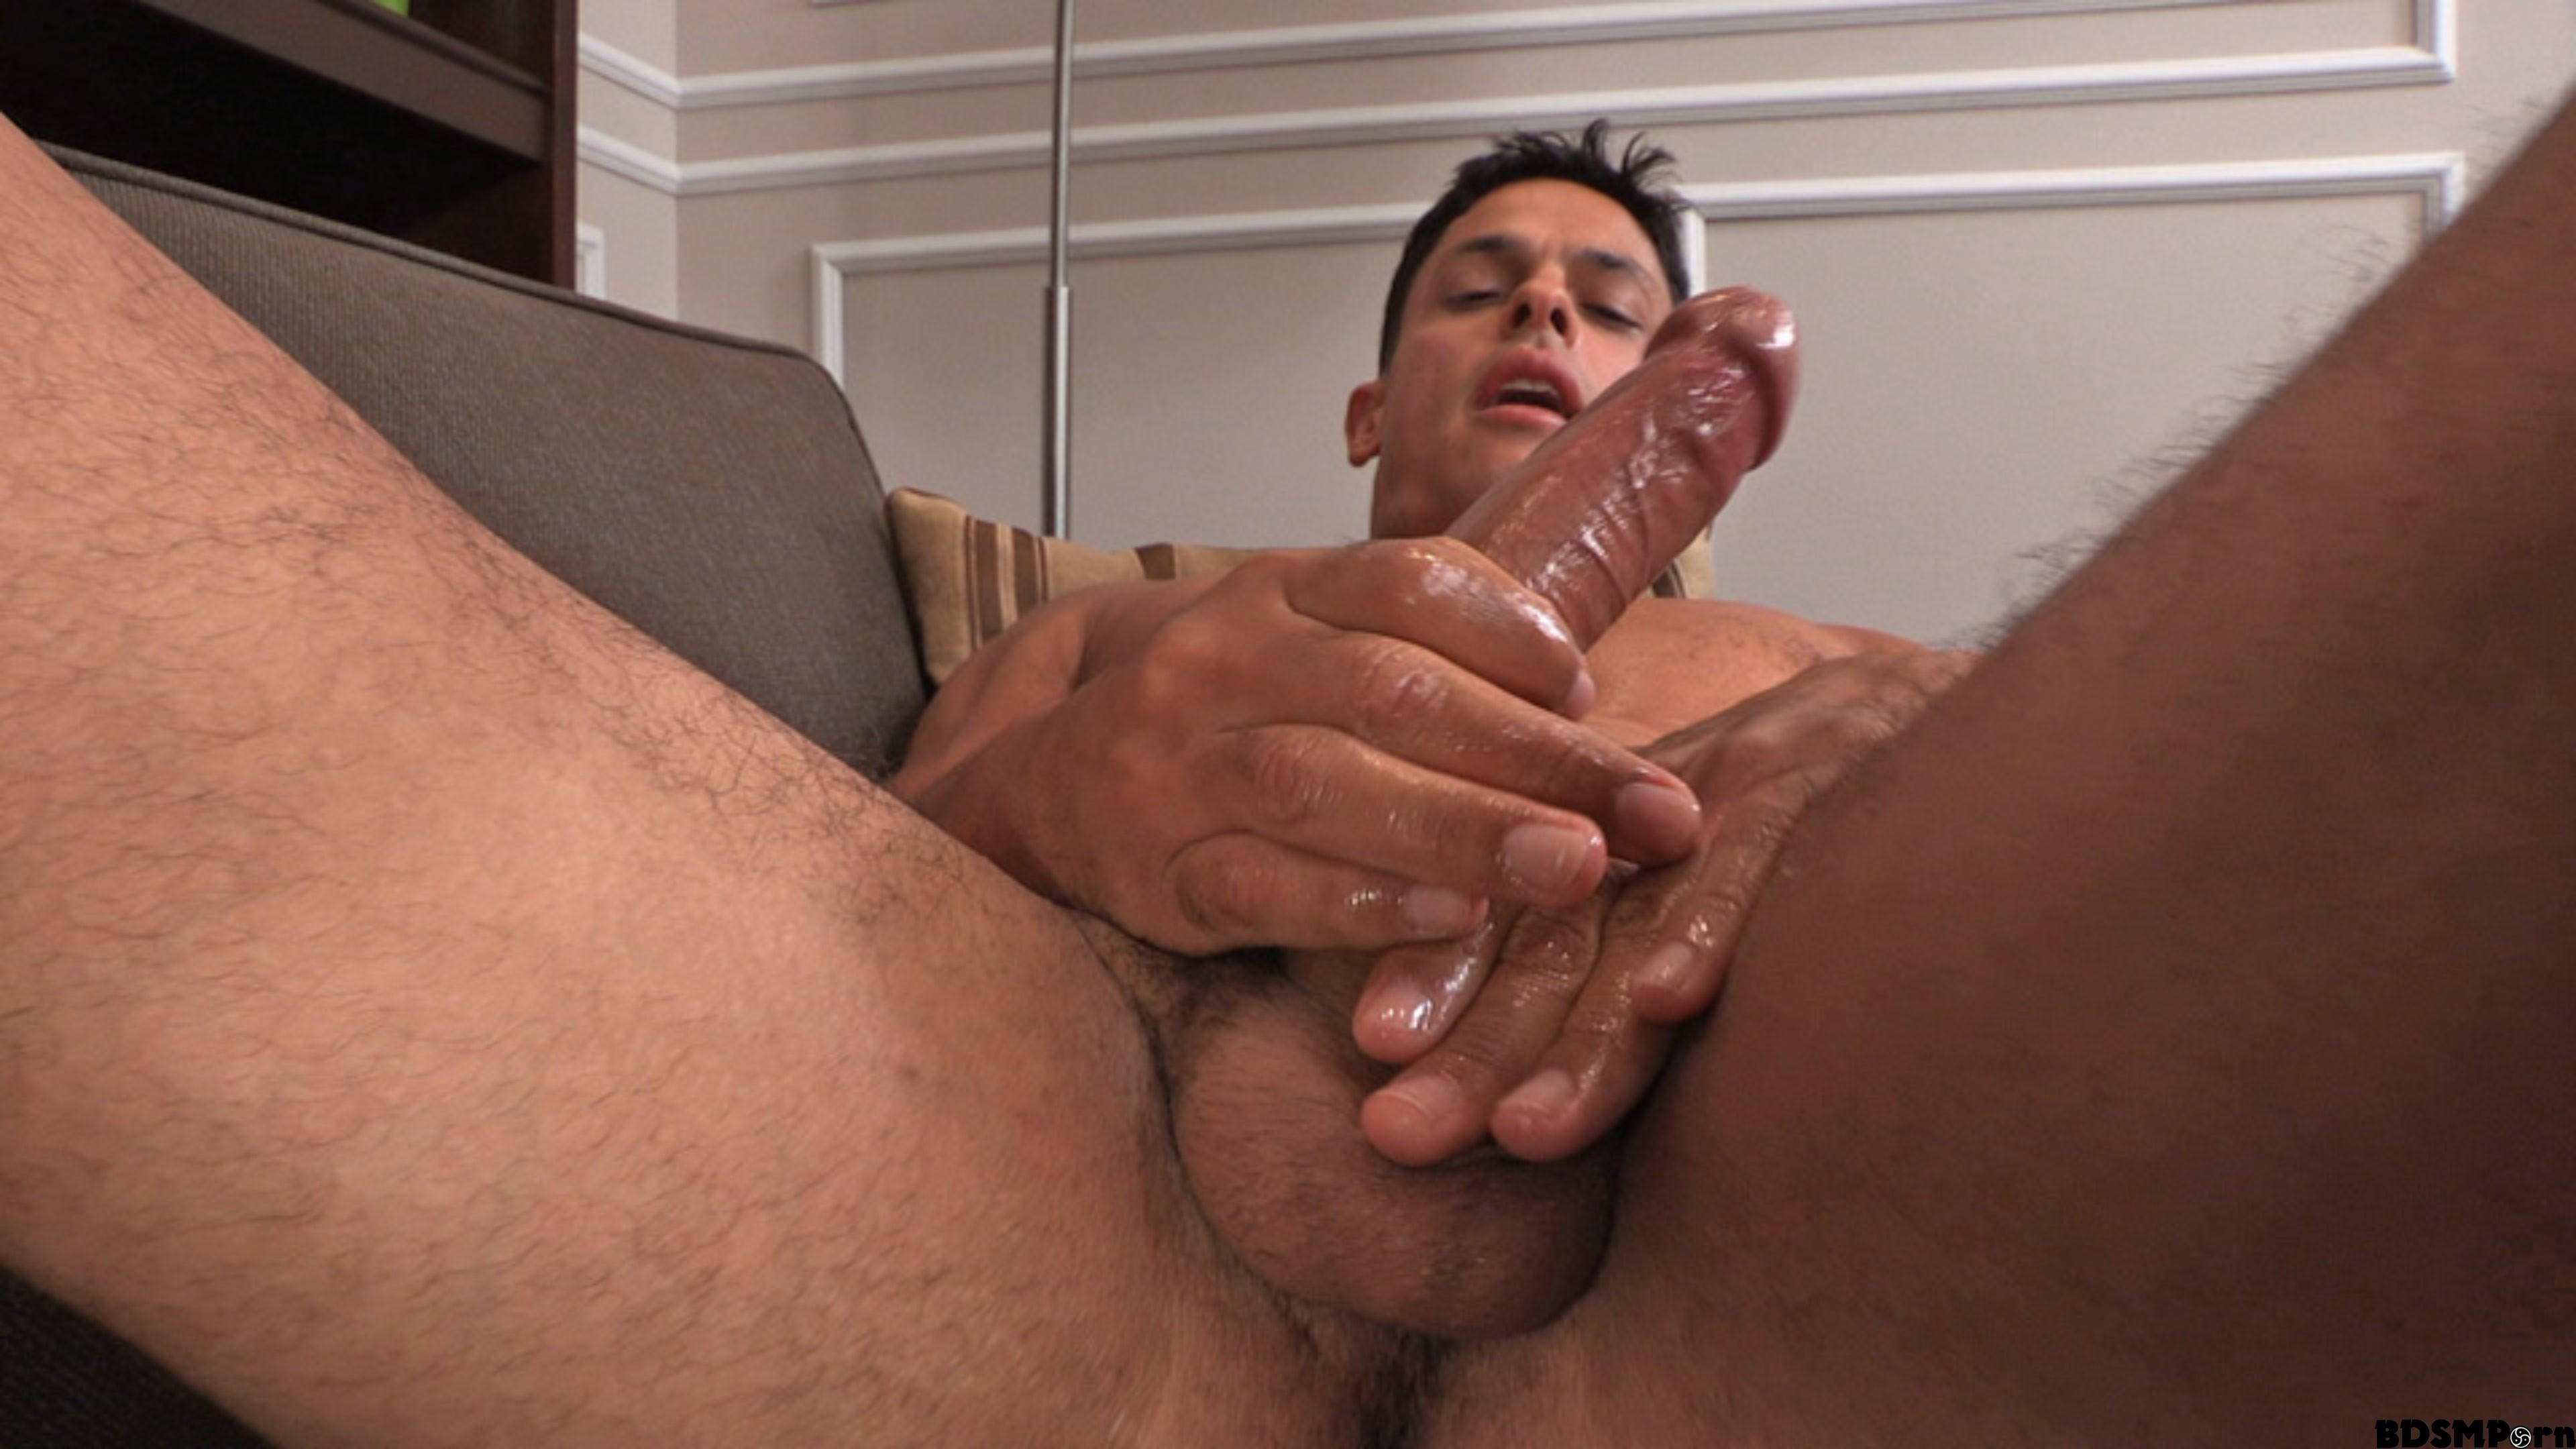 Carlos Porn seancody – carlos carlos 2013 uncut – bdsm porn